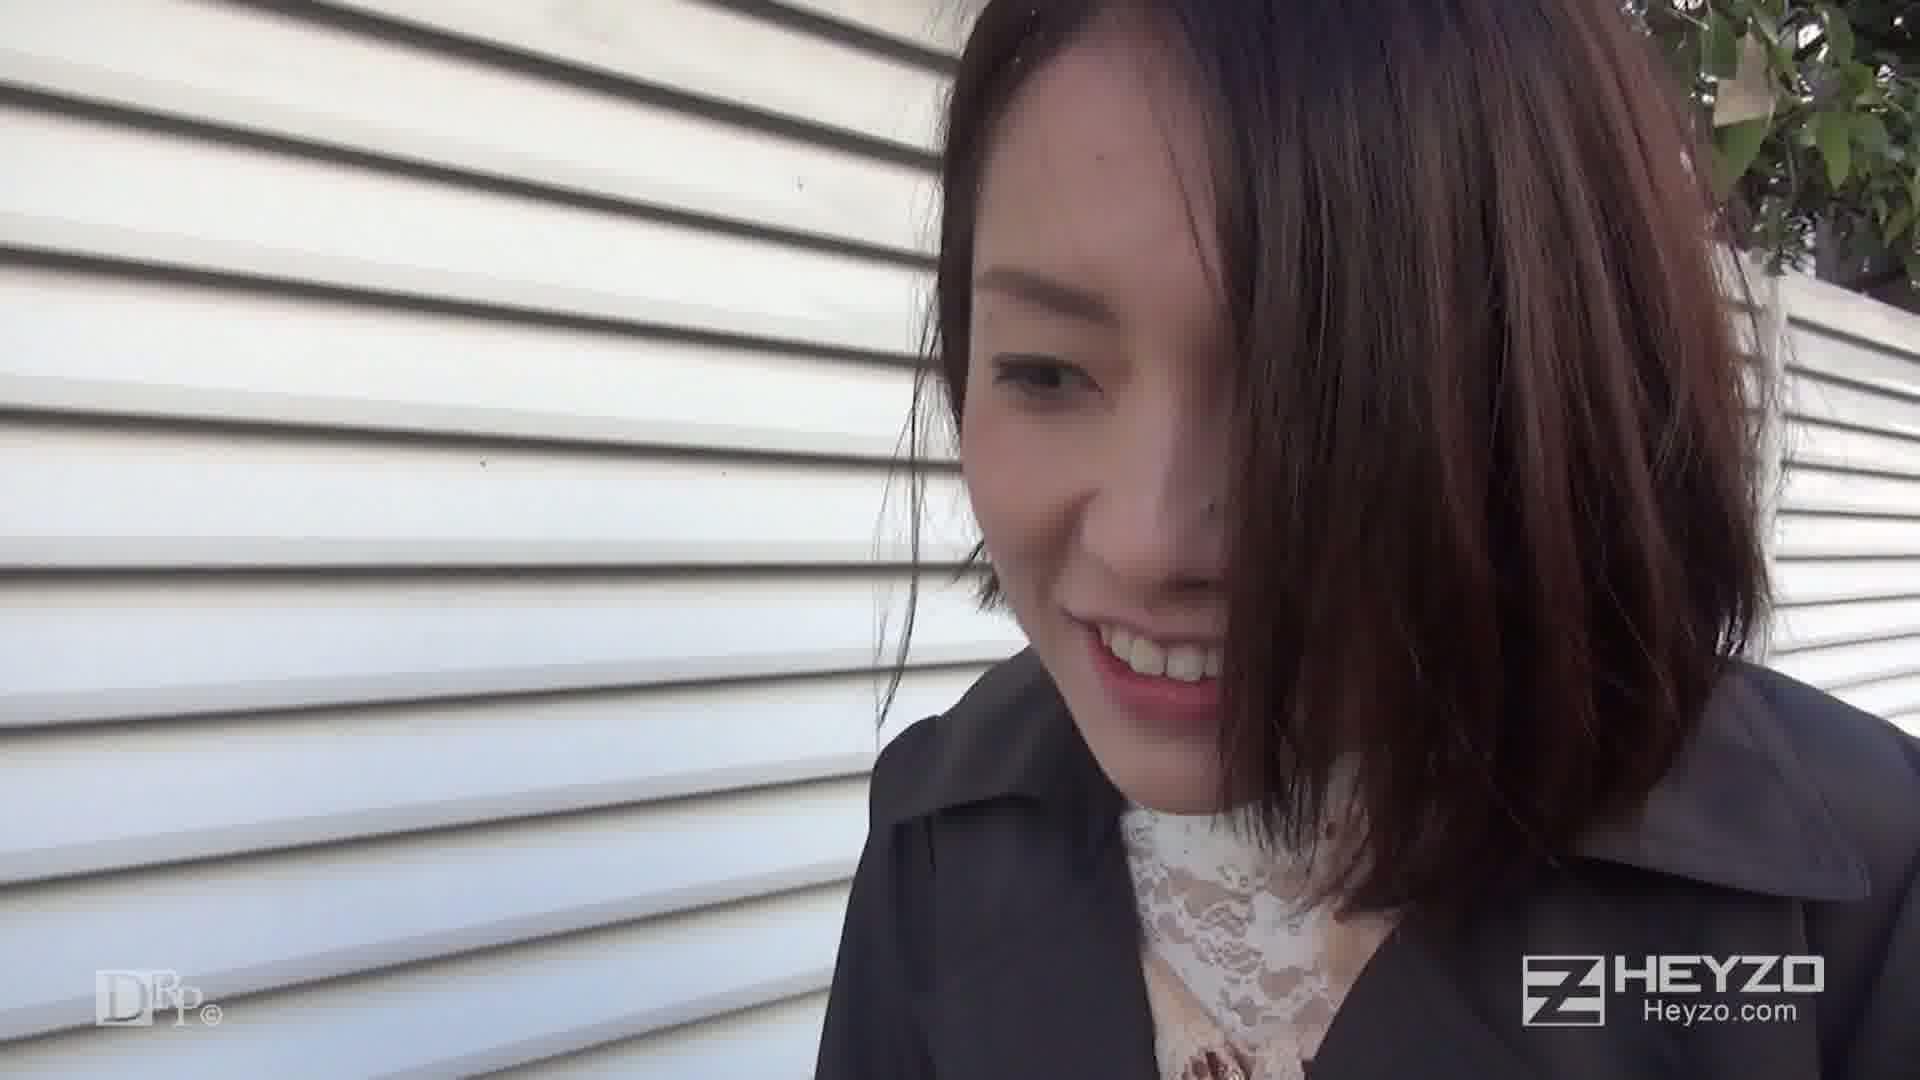 流れで中出しされまくる素人2  前編 - 相原さつき【ナンパ インタビュー】